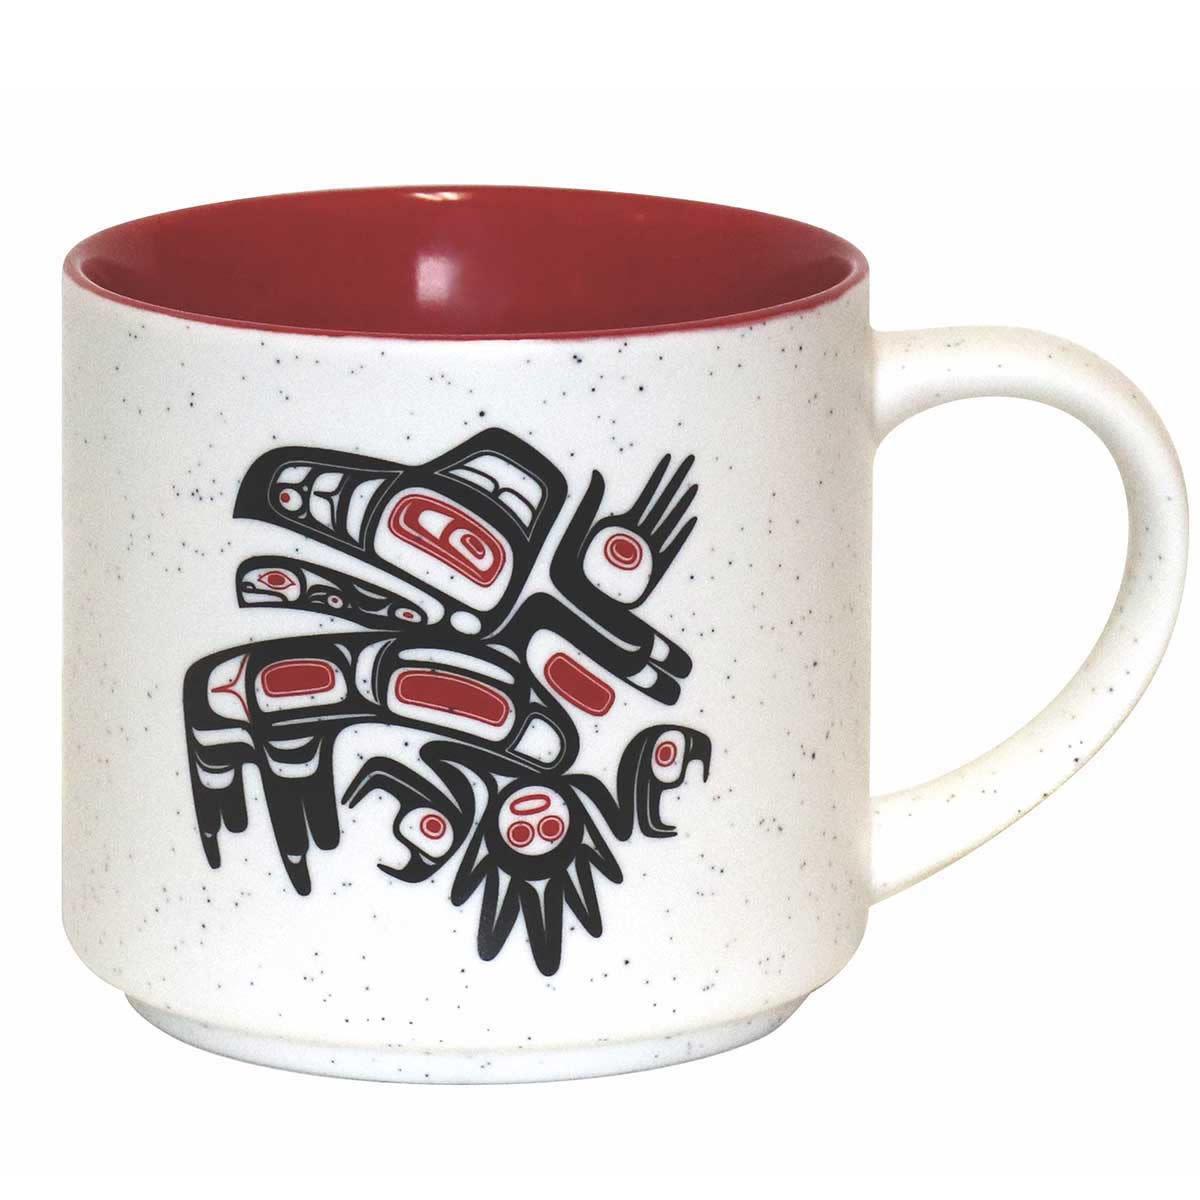 16oz Ceramic Mug Running Raven-Morgan Asoyuf-1